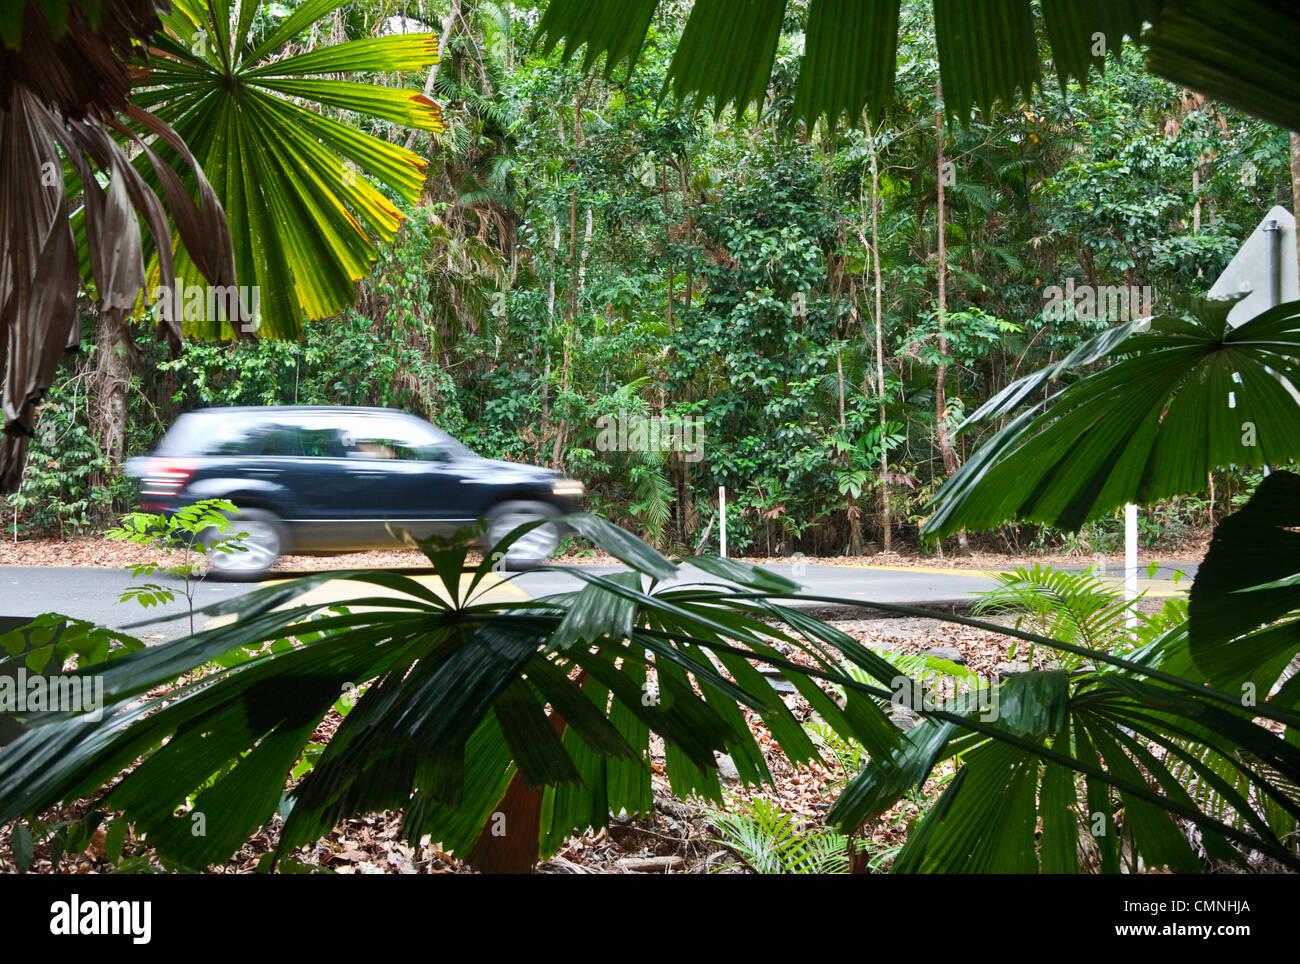 Location de la conduite sur route dans la forêt tropicale du Parc national de Daintree, Queensland, Australie Photo Stock